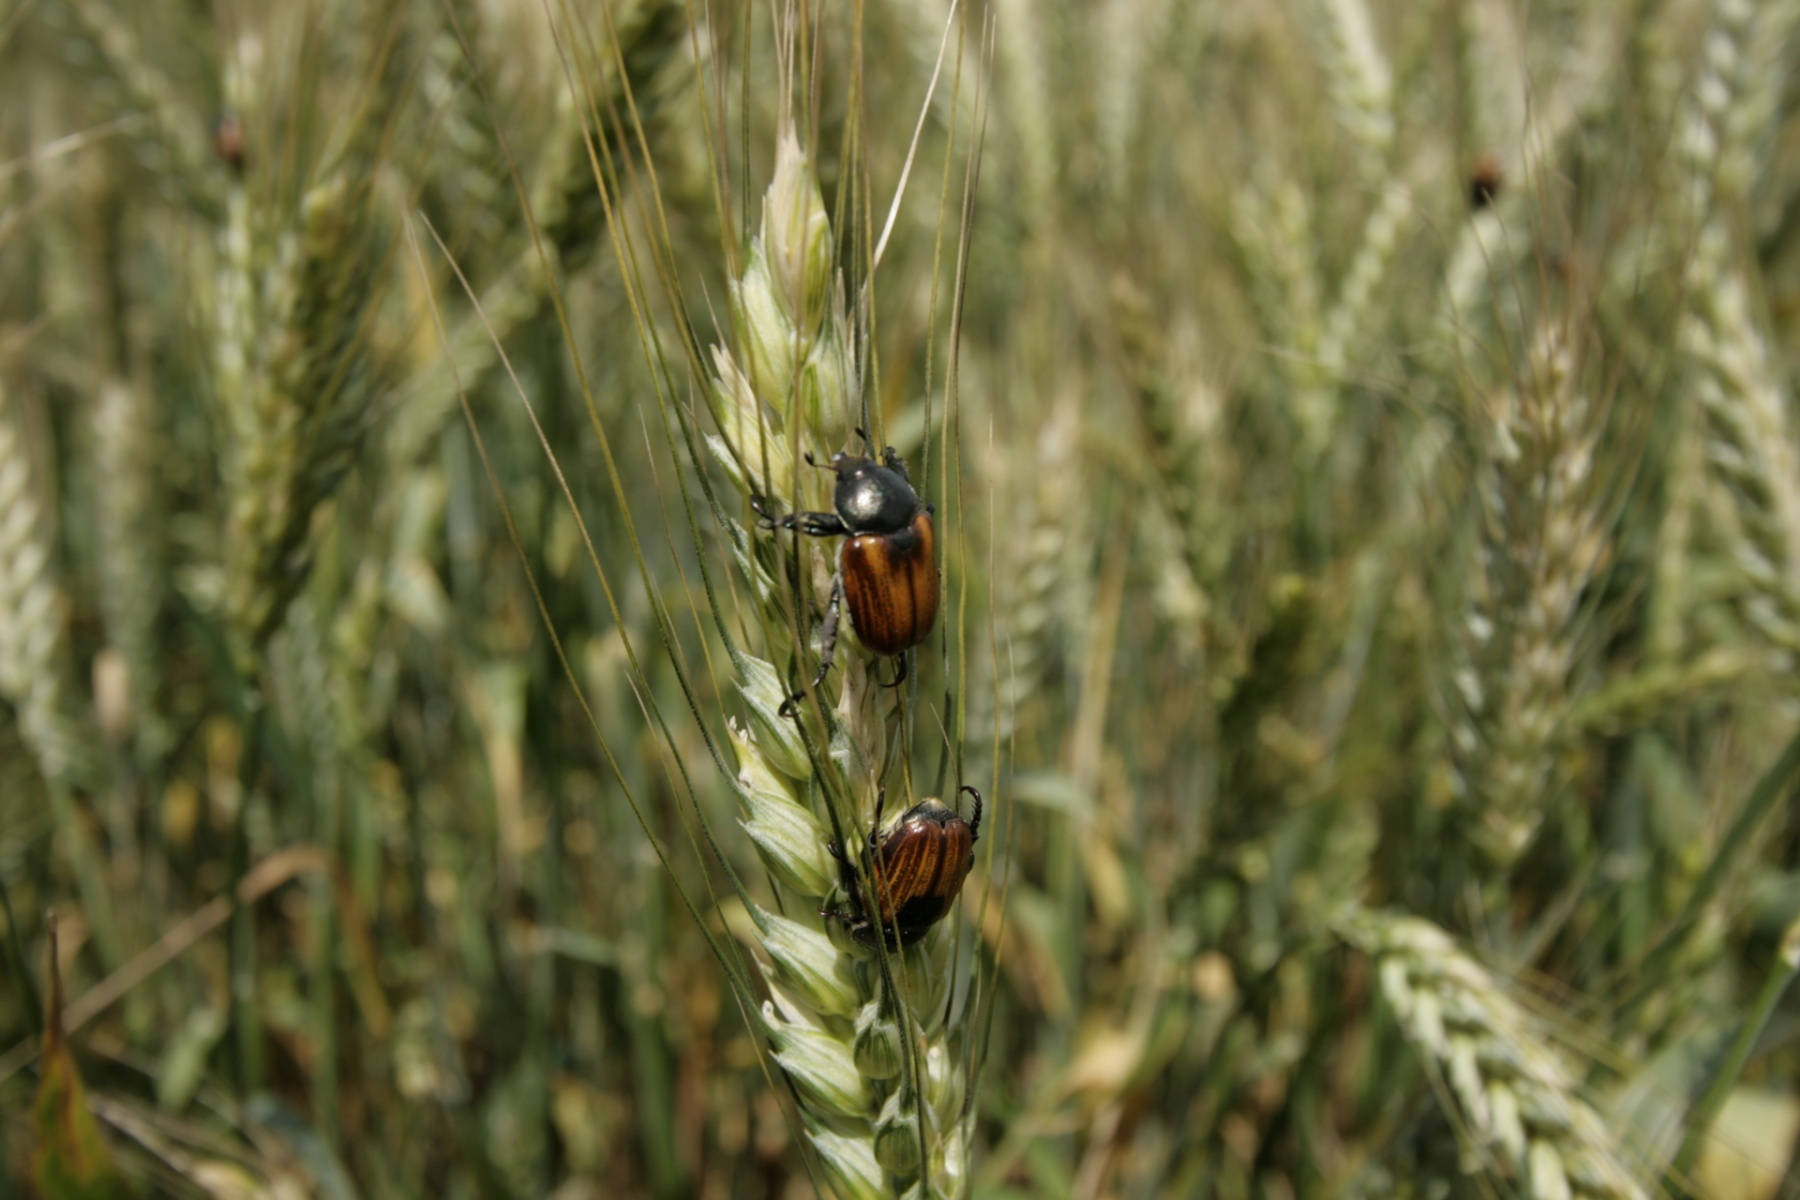 Хлебные жуки: жук-кузька жук-крестоносец, жук-красун - пшеница, рожь, ячмень, подсолнечник, сахарная свекла, картофель, сеянцы плодовых культур